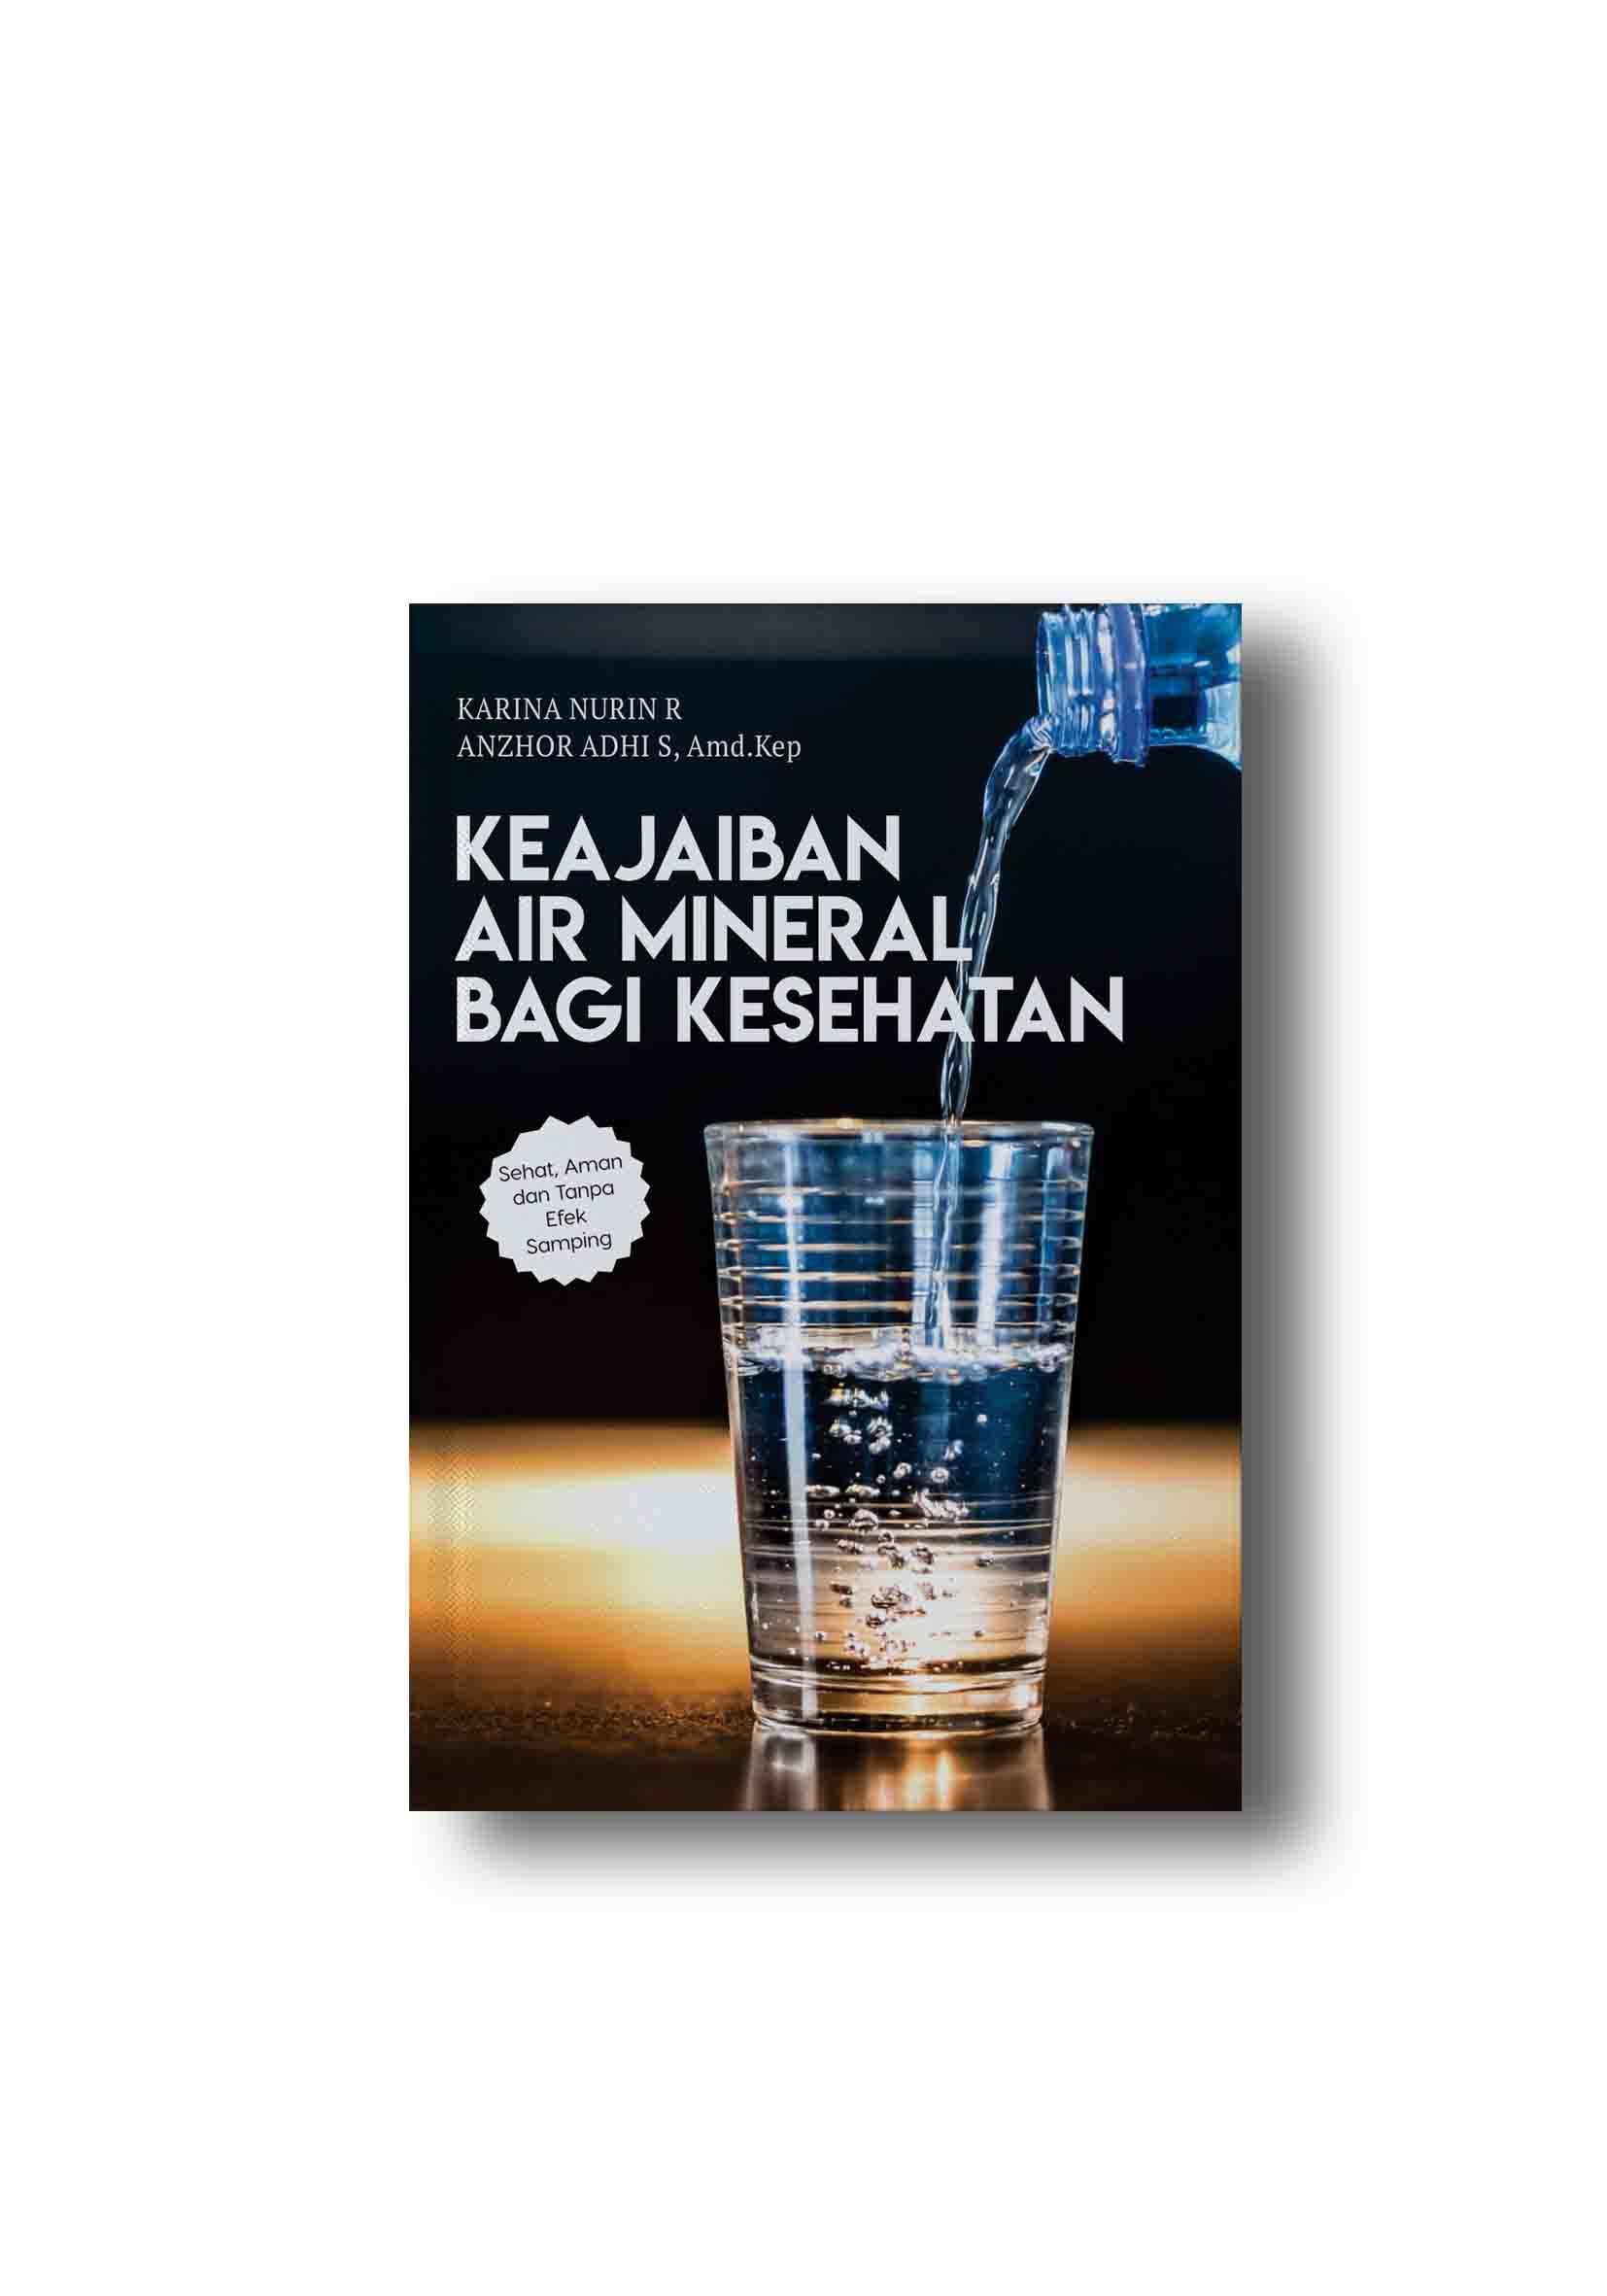 Keajaiban Air Mineral Bagi Kesehatan